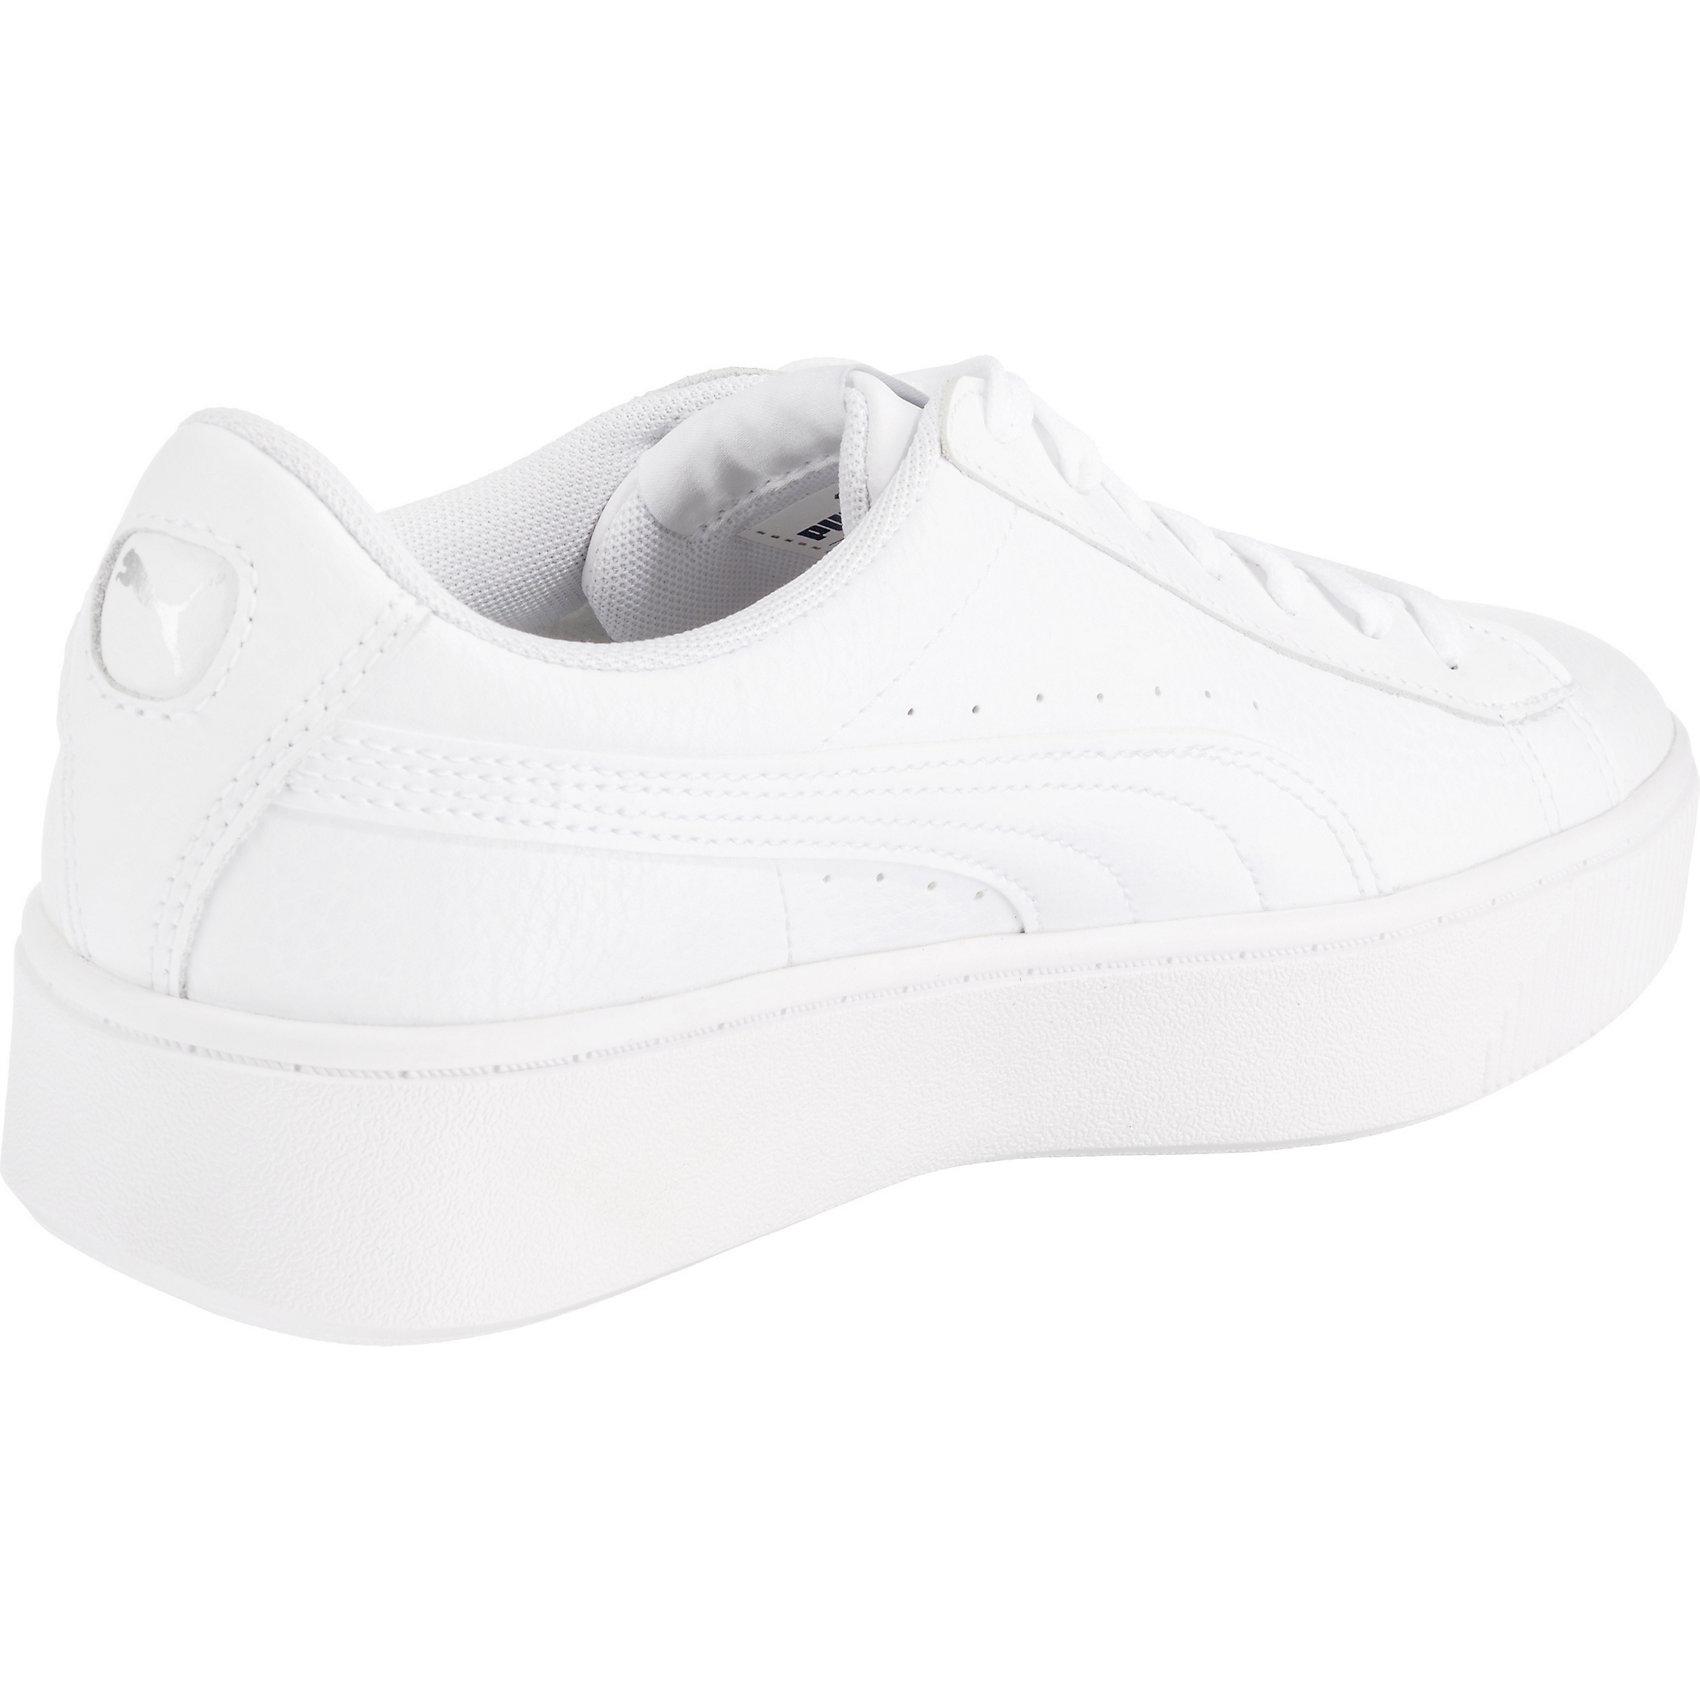 Women's Shoes Isaac Mizrahi Denim Bestickt Maultier Sneakers Gebleicht Indigo 11m Neu A303052